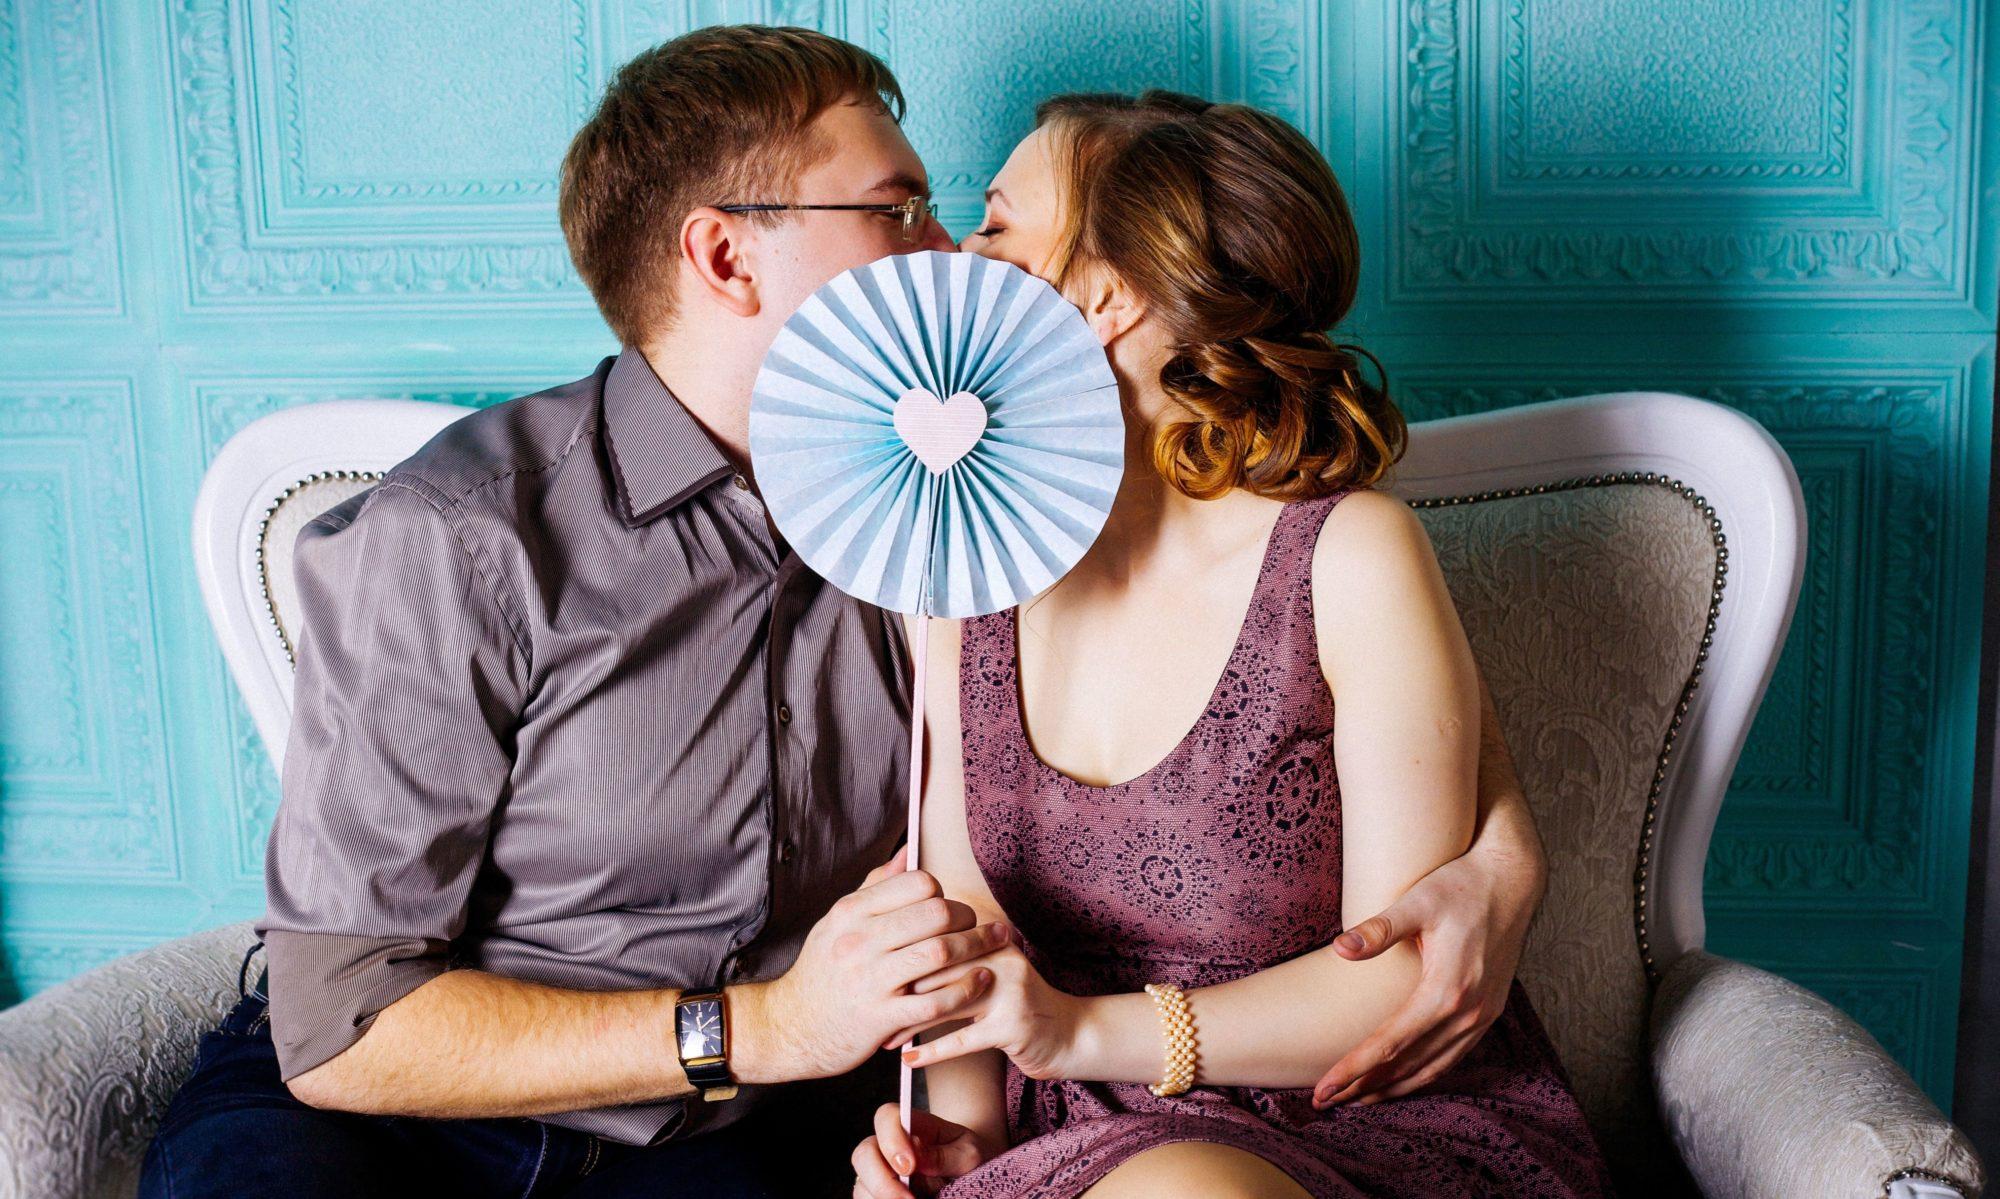 Seitensprung und Sexkontakte